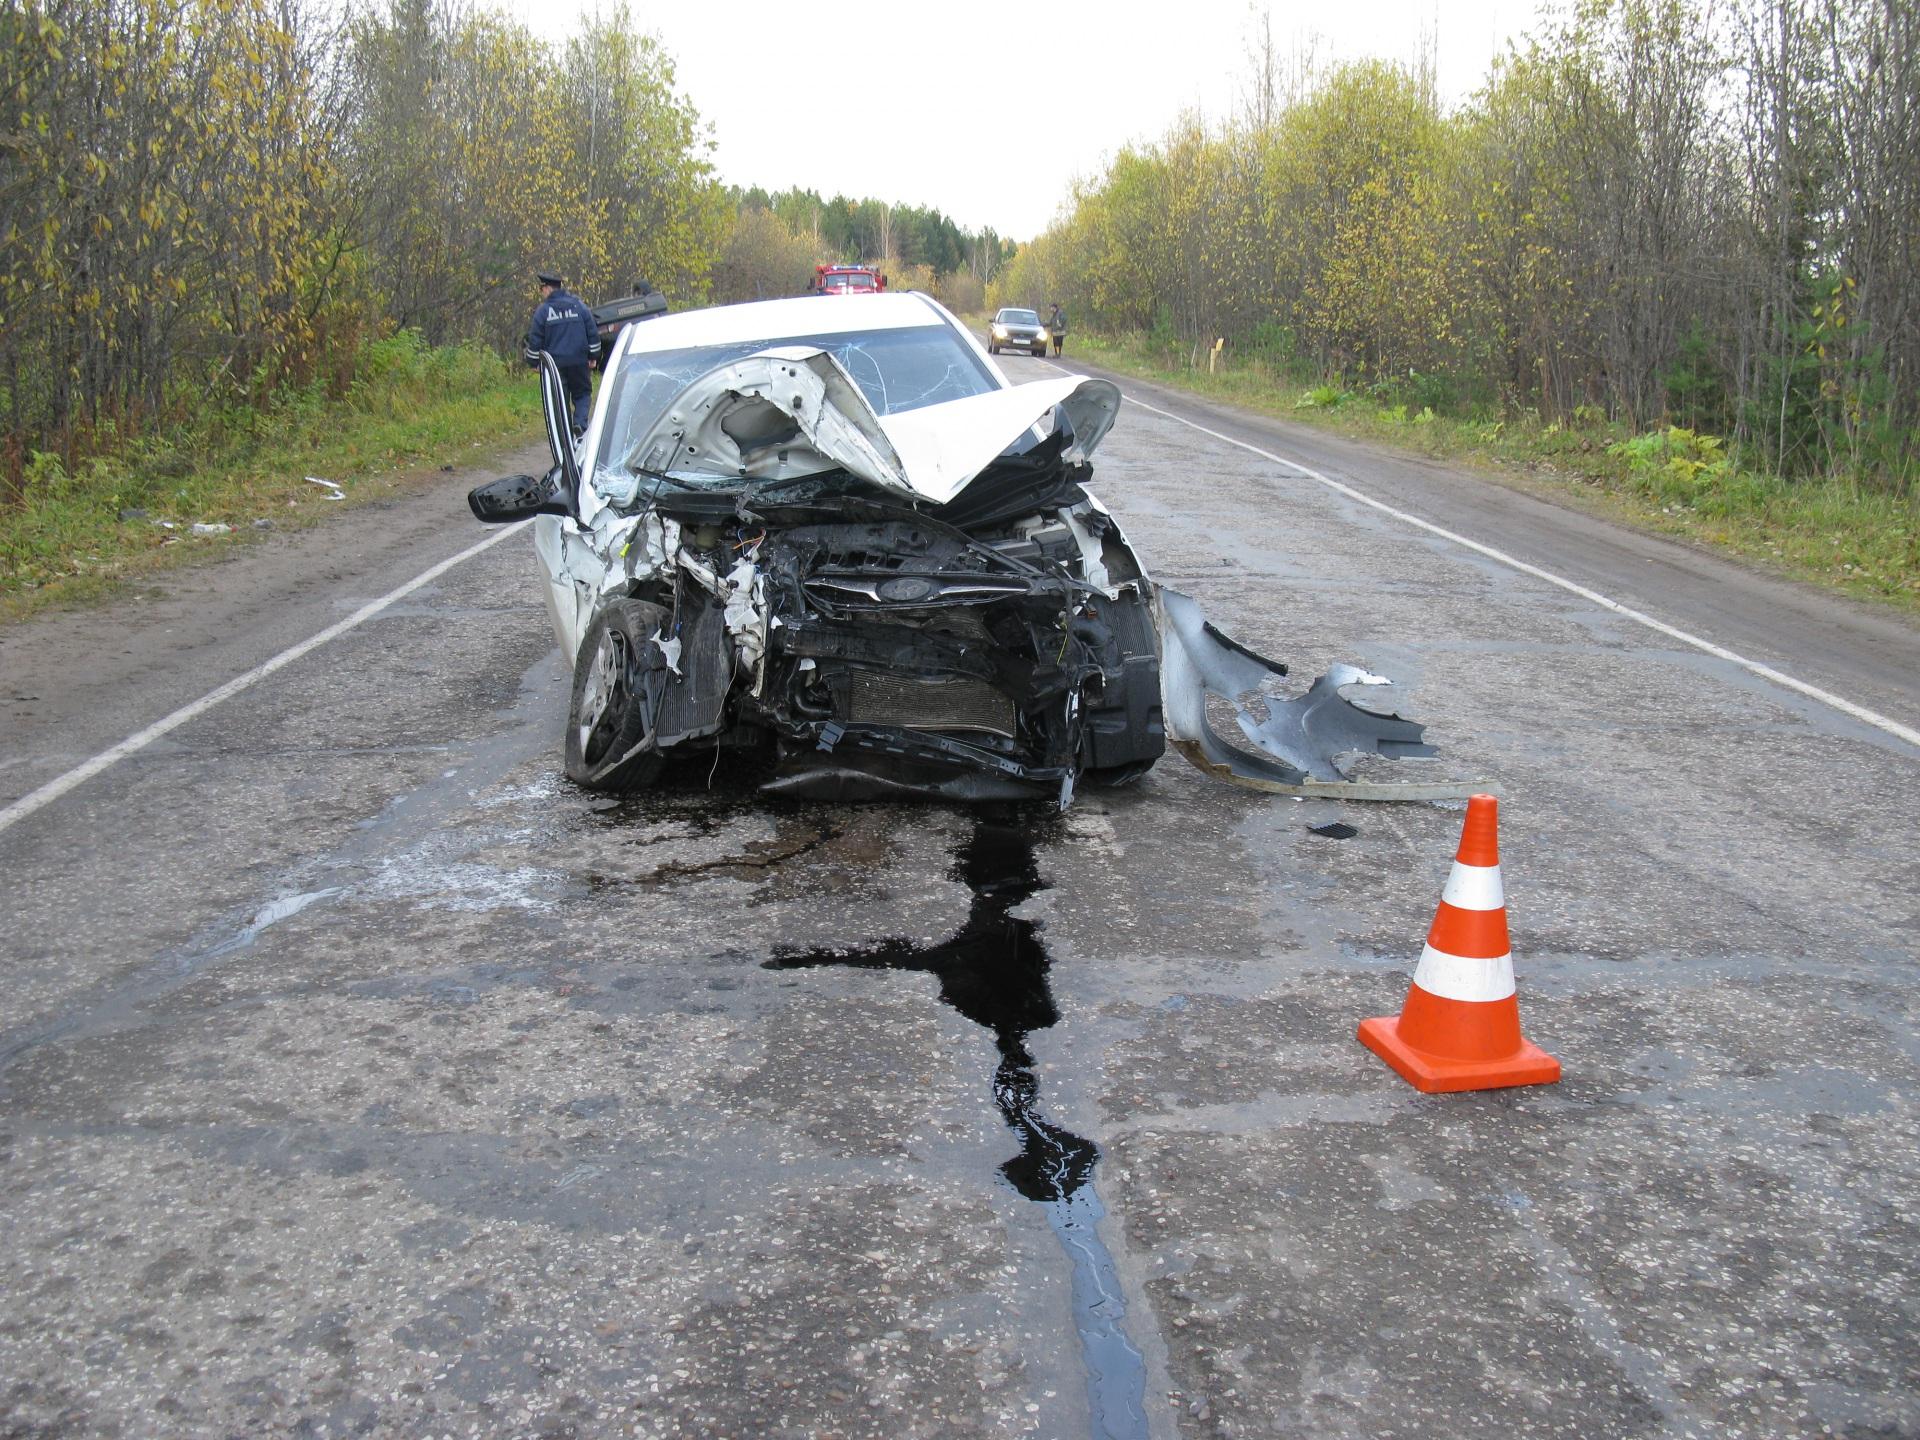 Пять человек получили травмы в лобовом столкновении машин на автодороге Вогваздино-Яренск